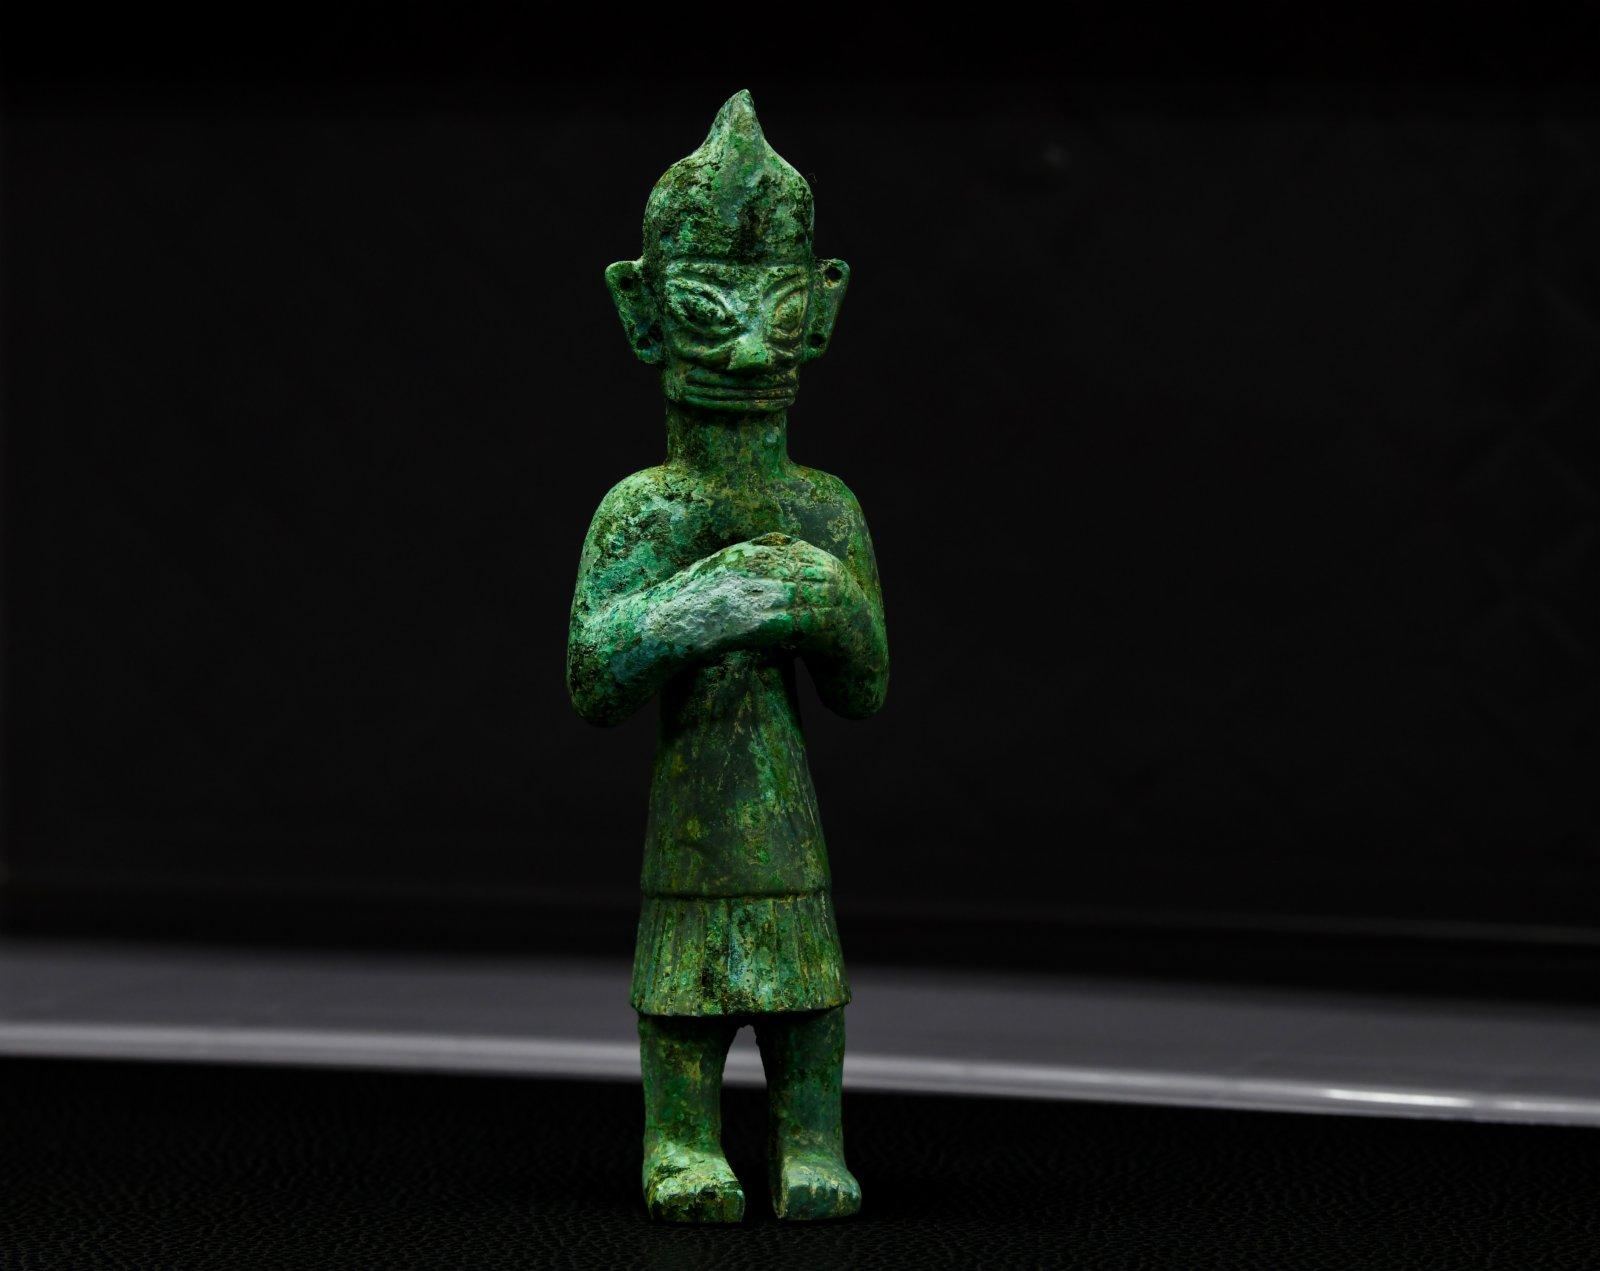 這是在四川省文物考古研究院三星堆考古研究所拍攝的三星堆遺址3號「祭祀坑」出土的青銅人像(9月3日攝)。